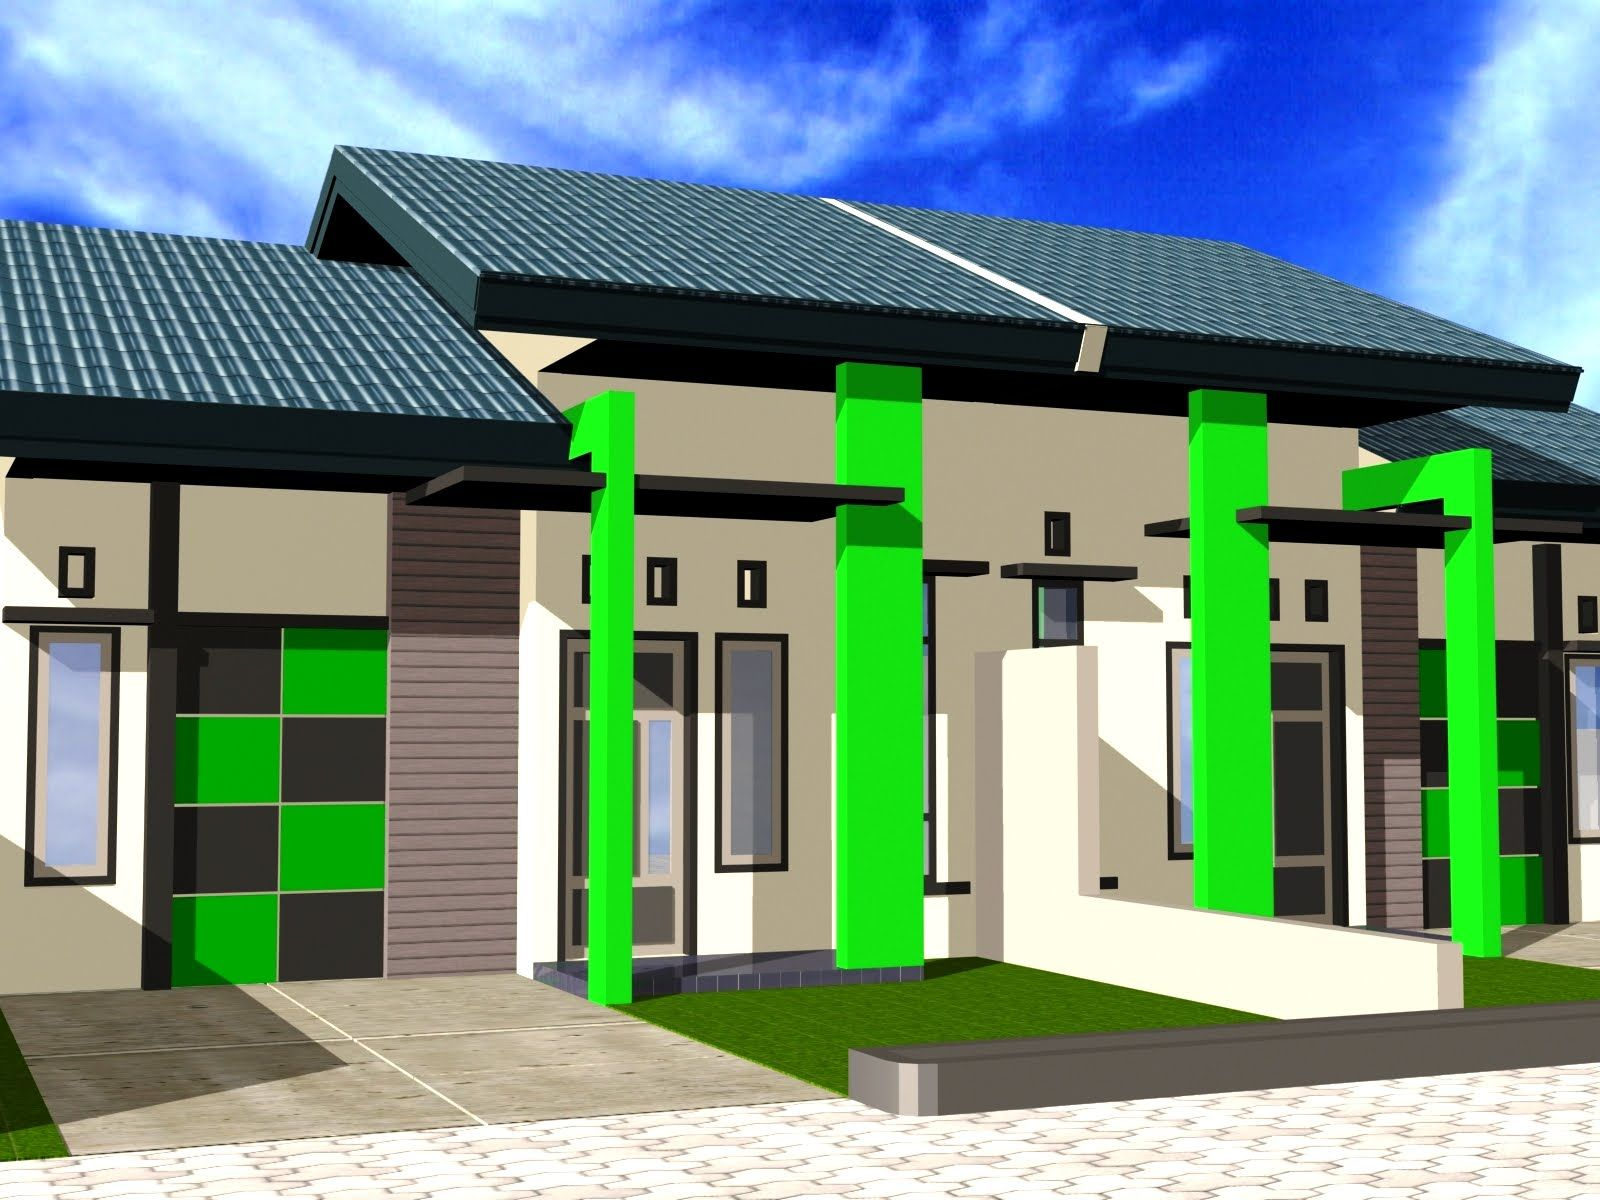 Download Desain Rumah Type 36 dalam Ukuran Asli di atas ...